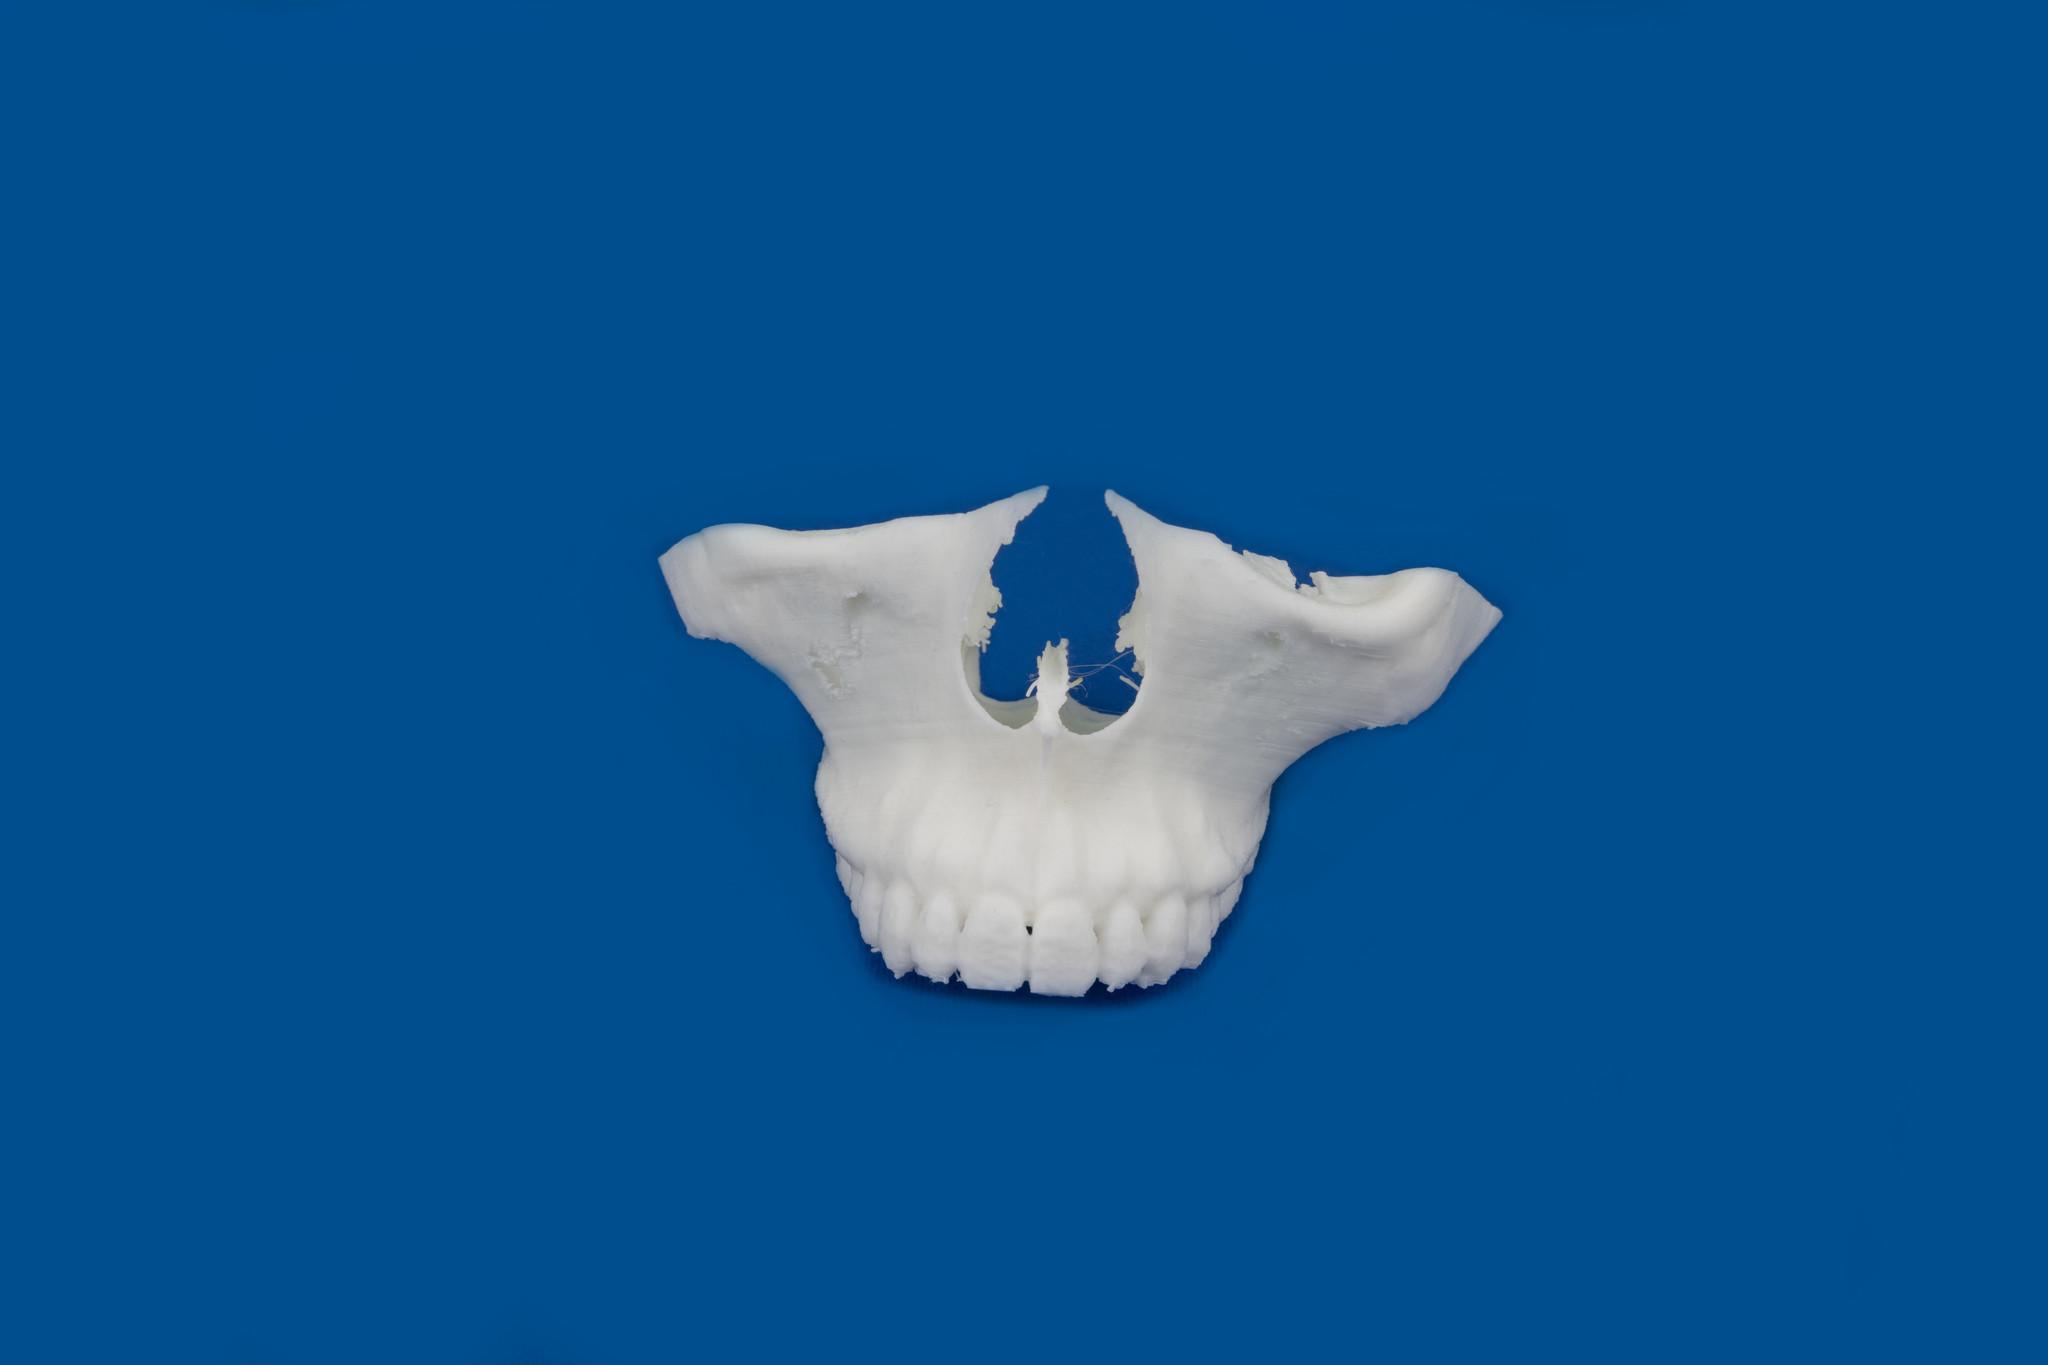 Modello stampato in 3D dai tuoi file DICOM, arcata inferiore o superiore utilizzando PLA